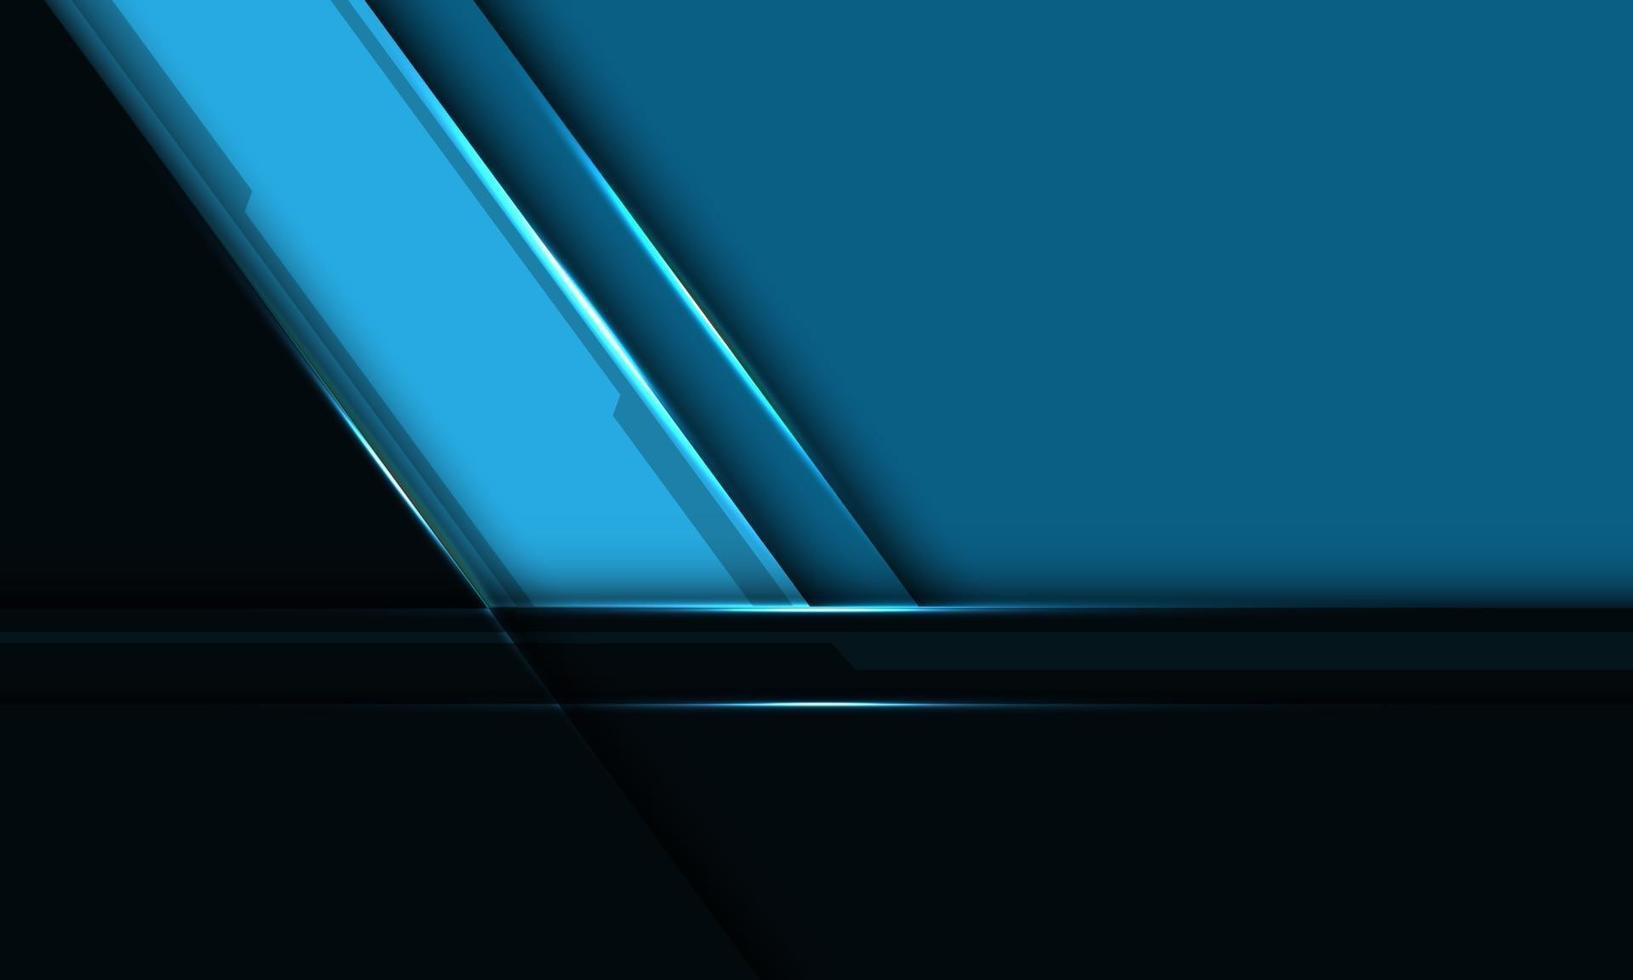 abstrakt blå svart metalliskt snedstreck överlappar med tomrumsdesign modern futuristisk bakgrundsvektorillustration. vektor